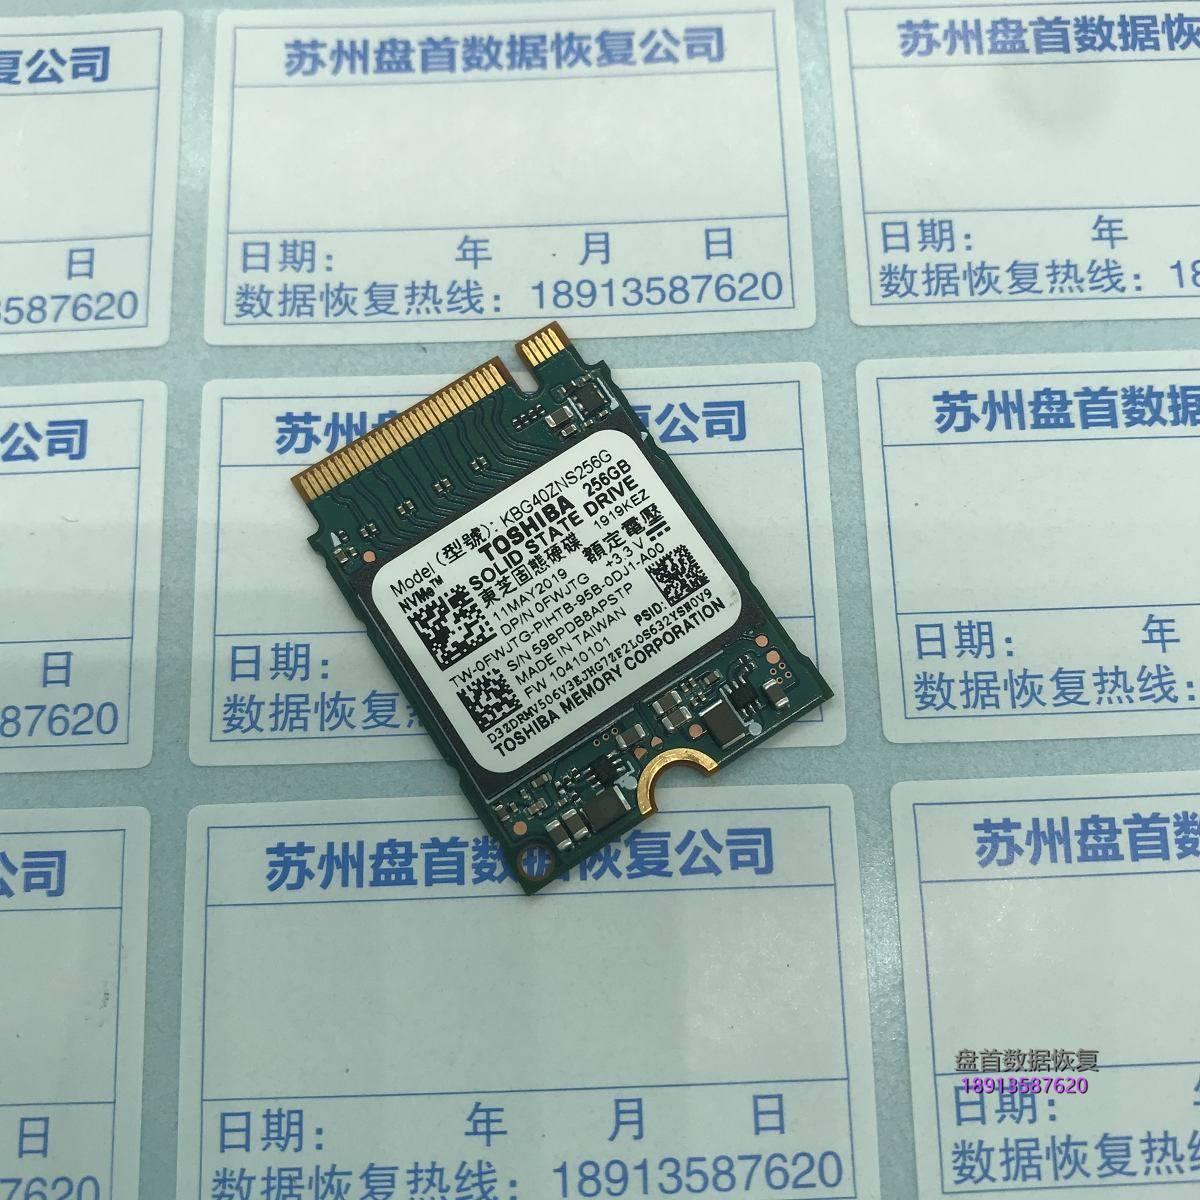 东芝NVMe固态硬盘KBG40ZNS256G不识别开机卡死在戴尔开机画面无法识别SSD